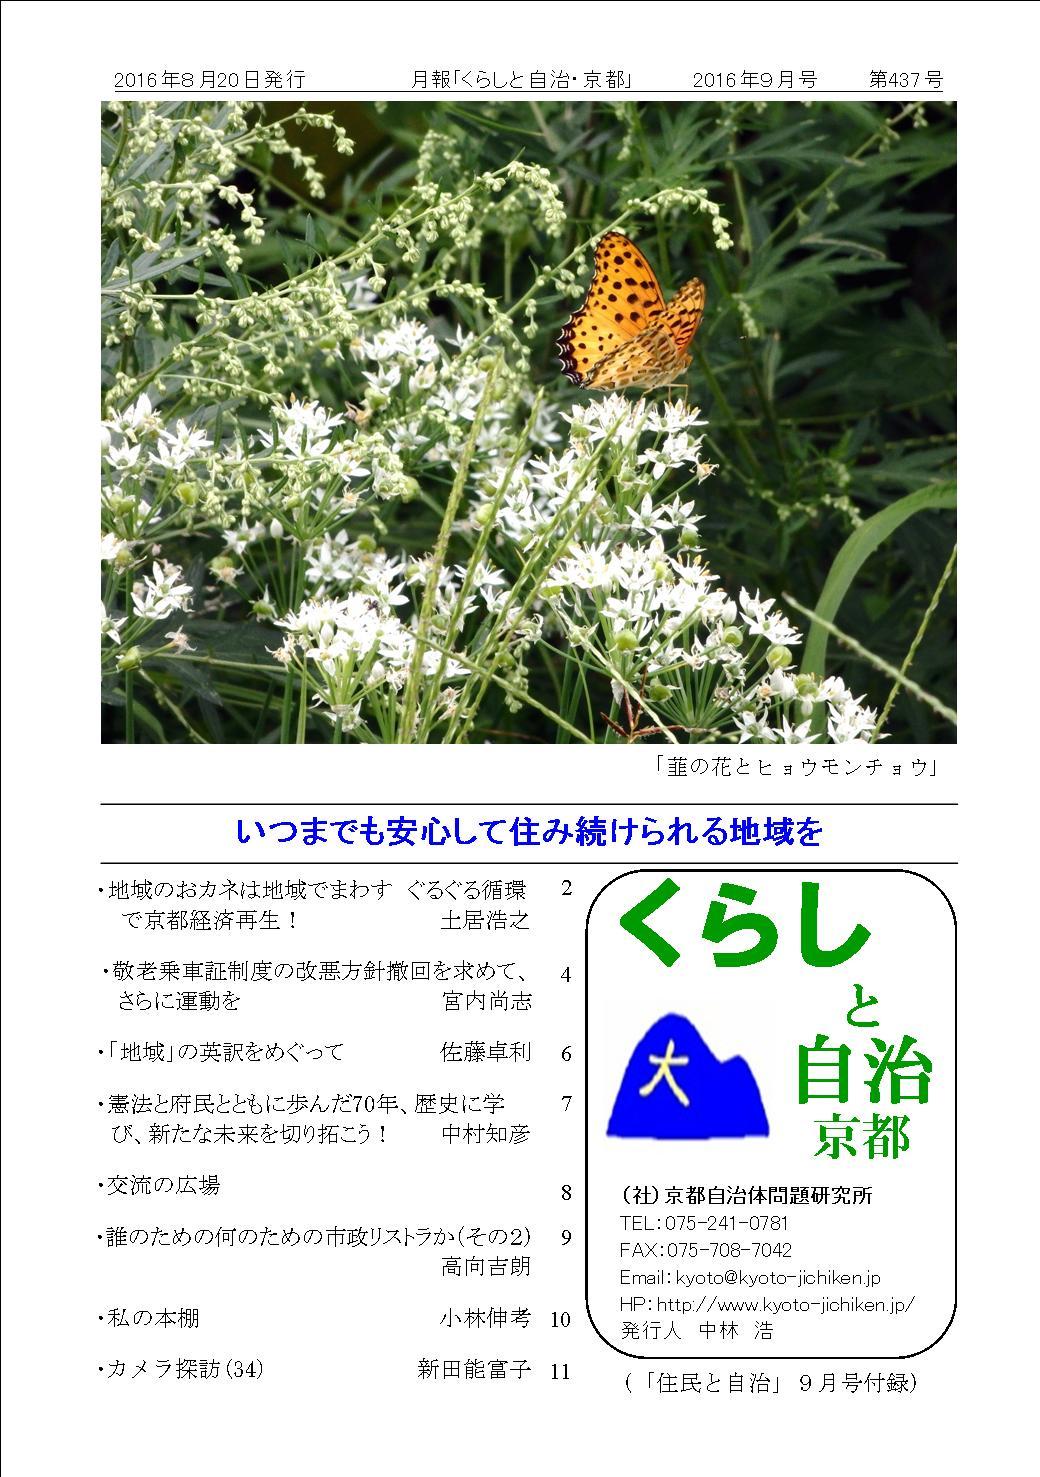 月報「くらしと自治・京都」2015年09月号 第437号